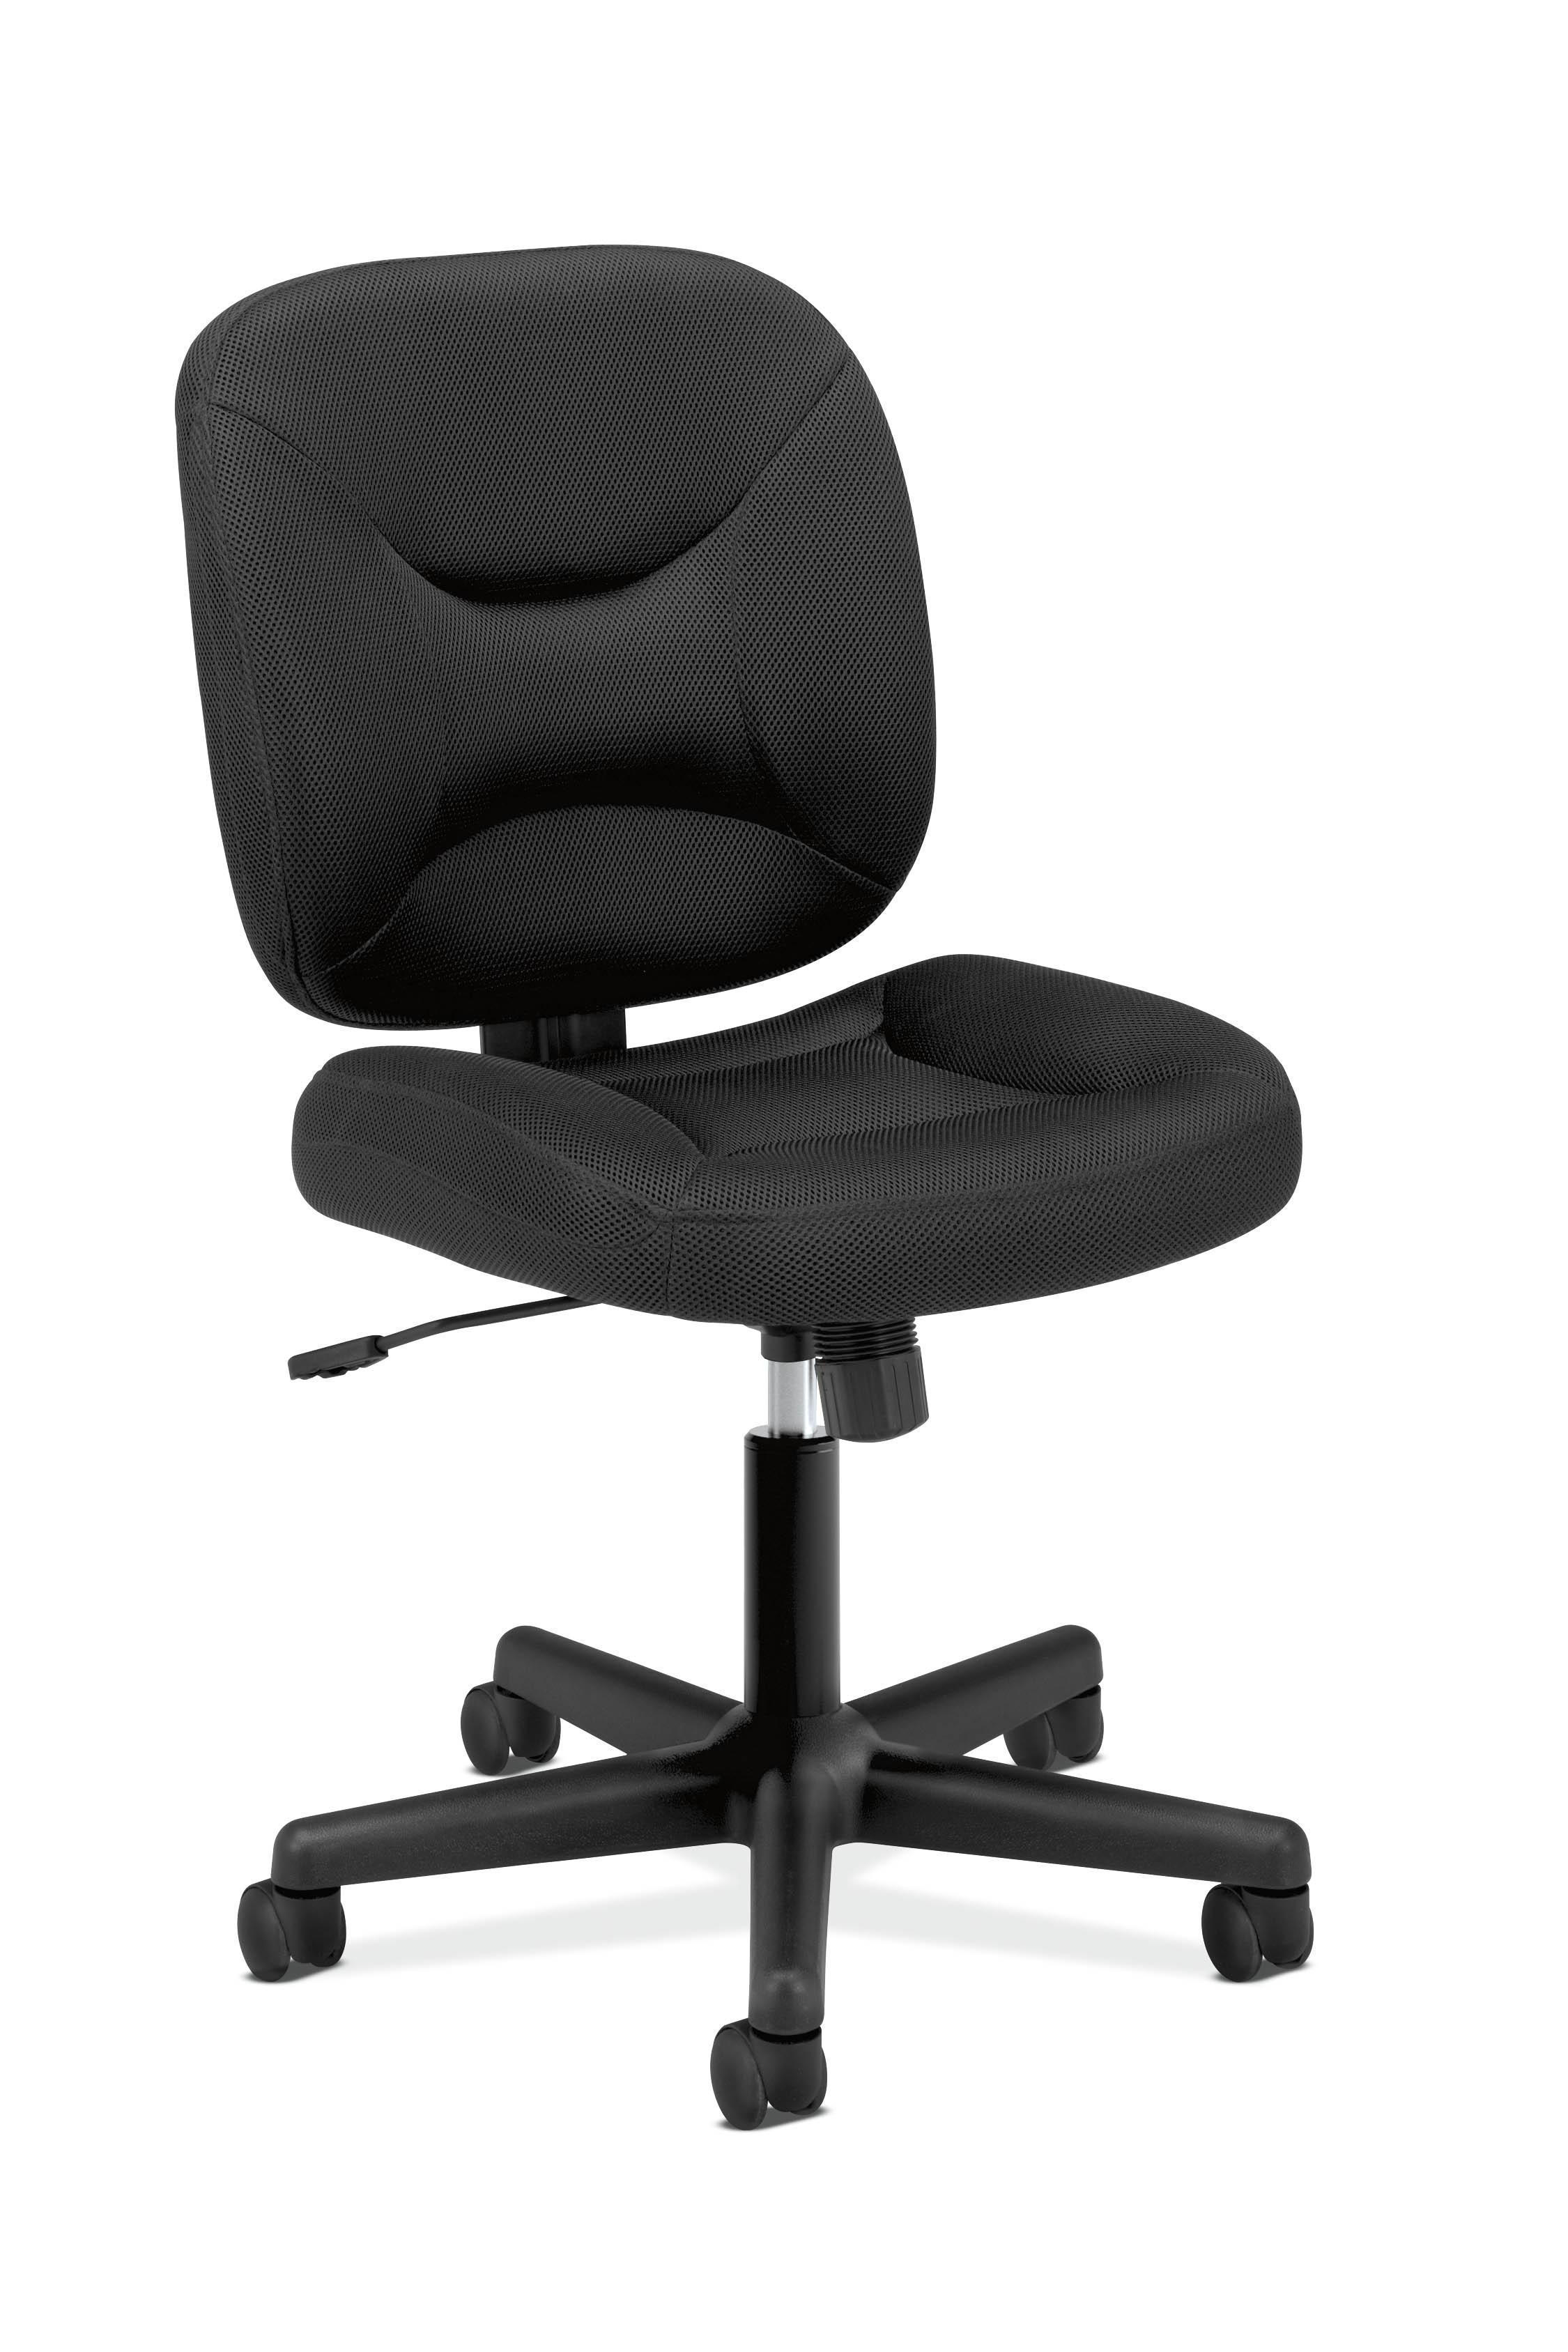 hon valutask low back task chair mesh. Black Bedroom Furniture Sets. Home Design Ideas